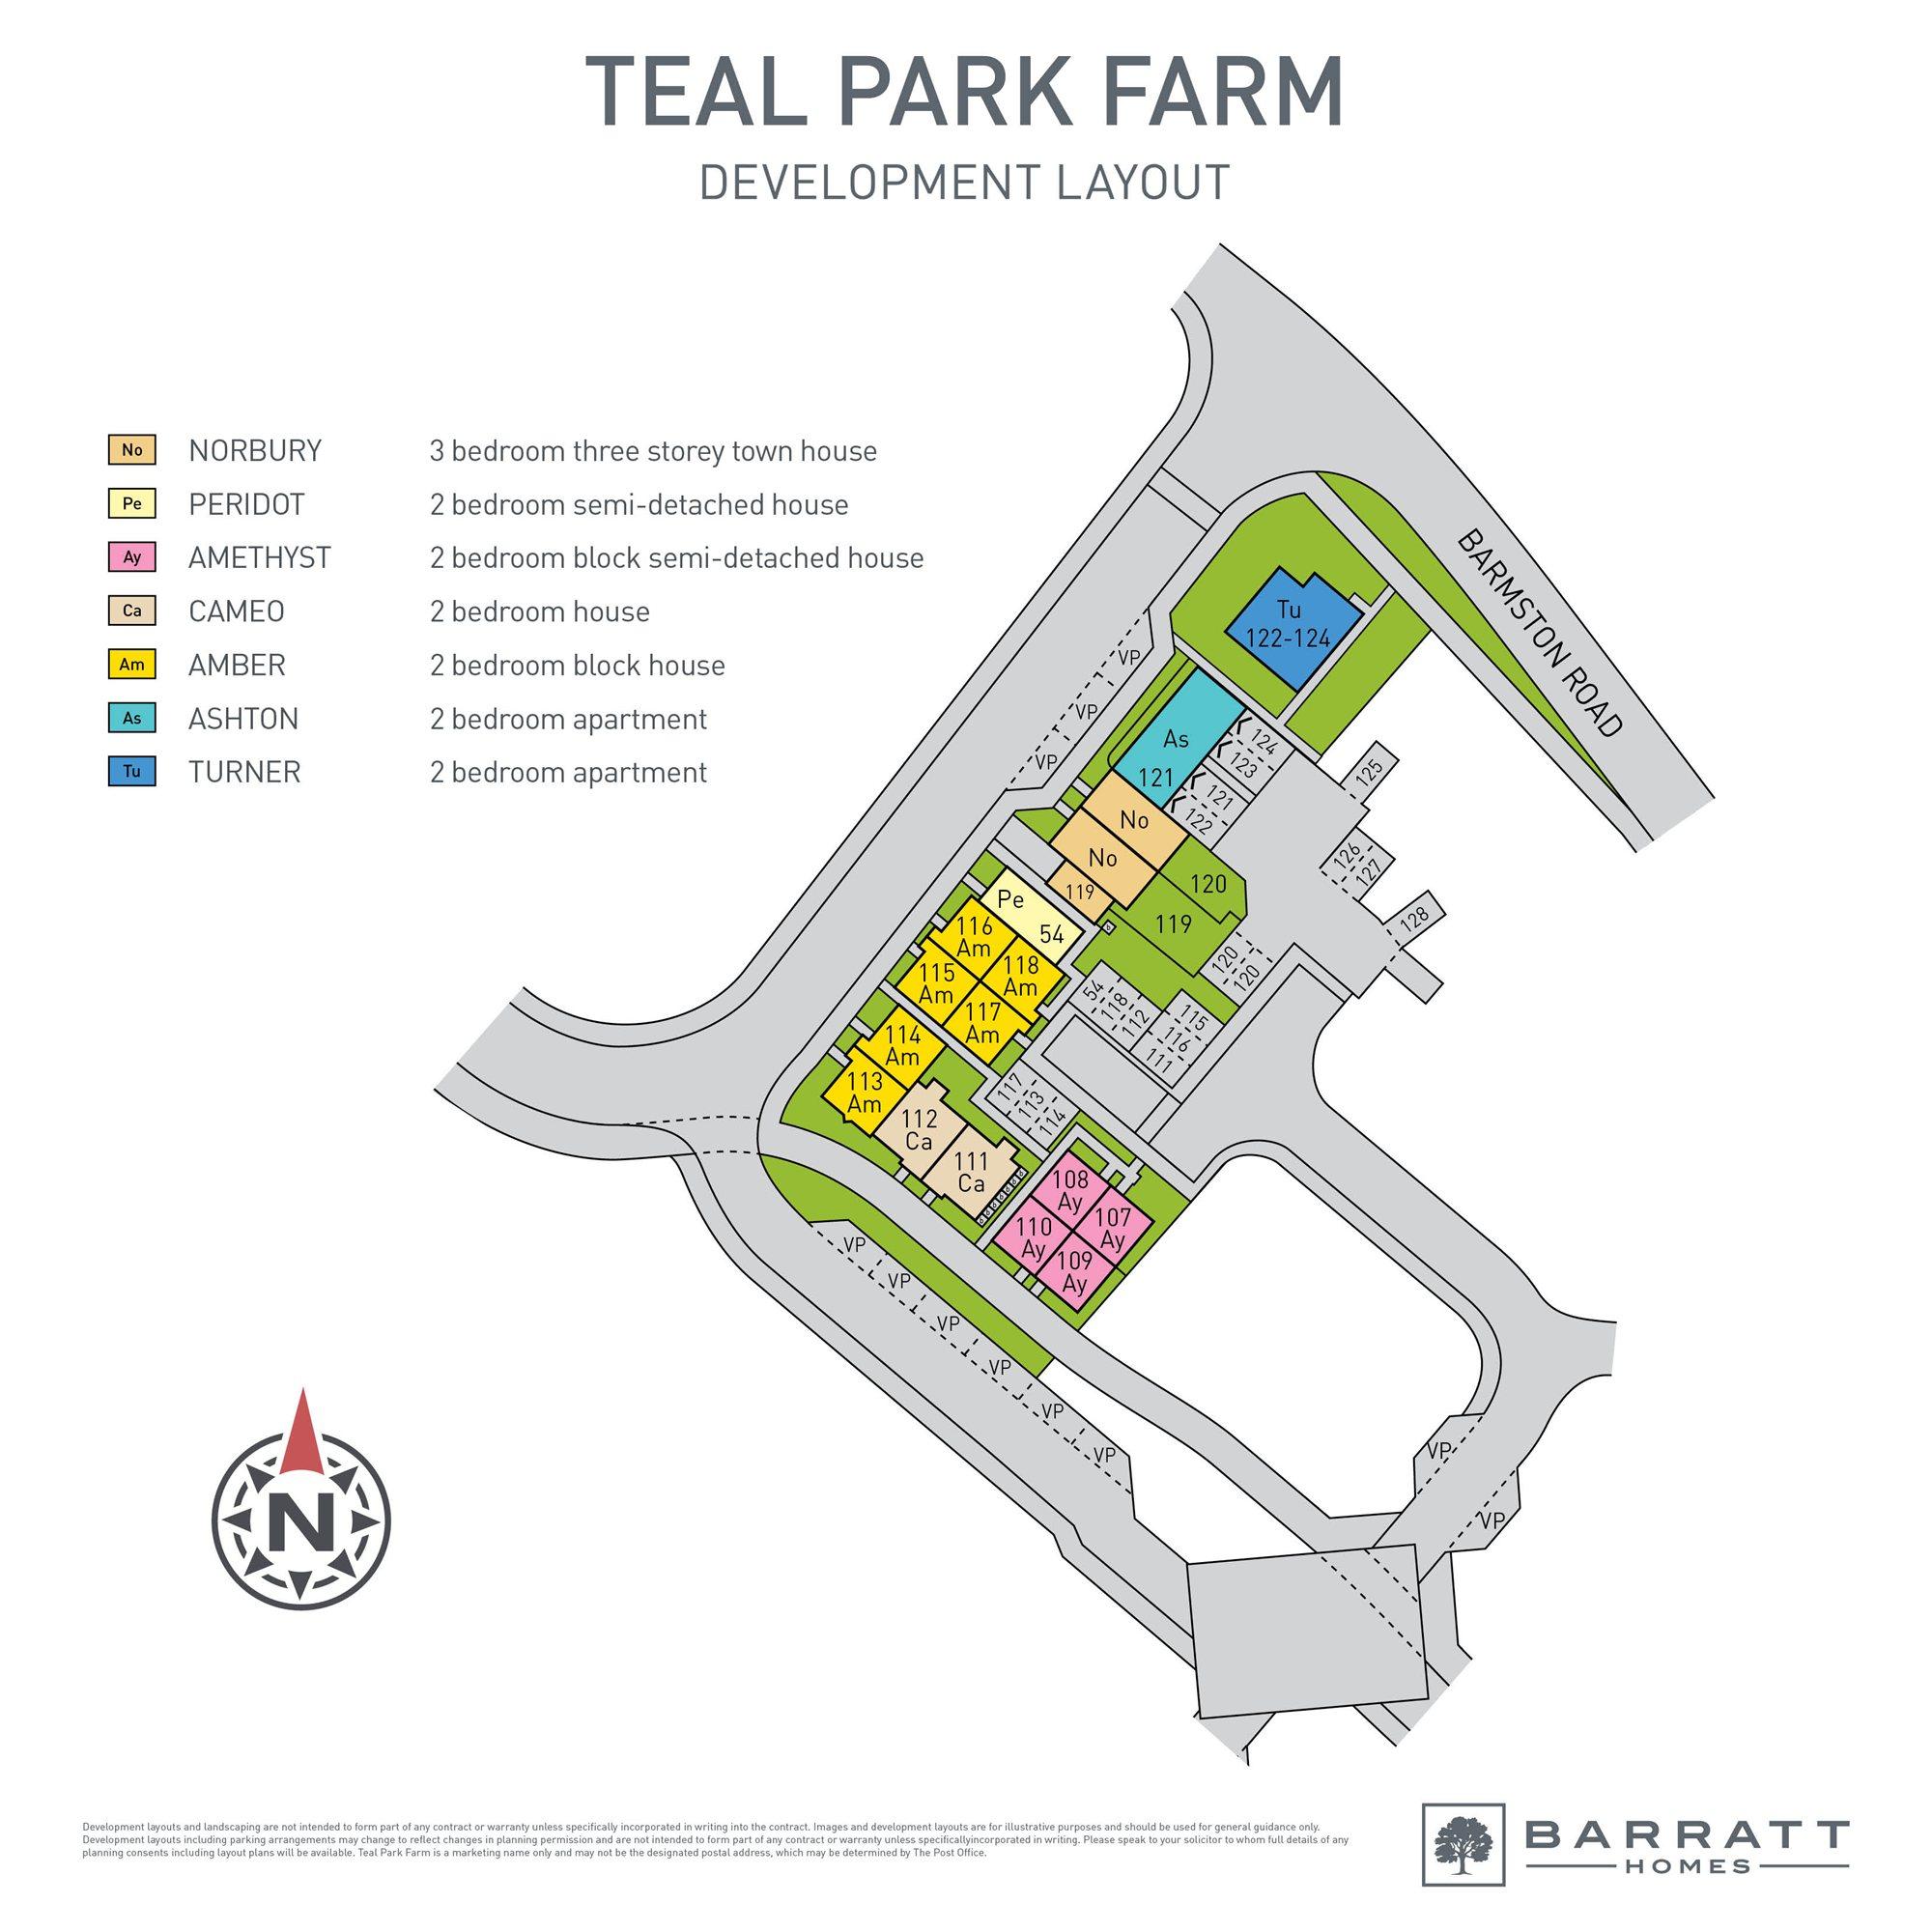 Teal Park Farm